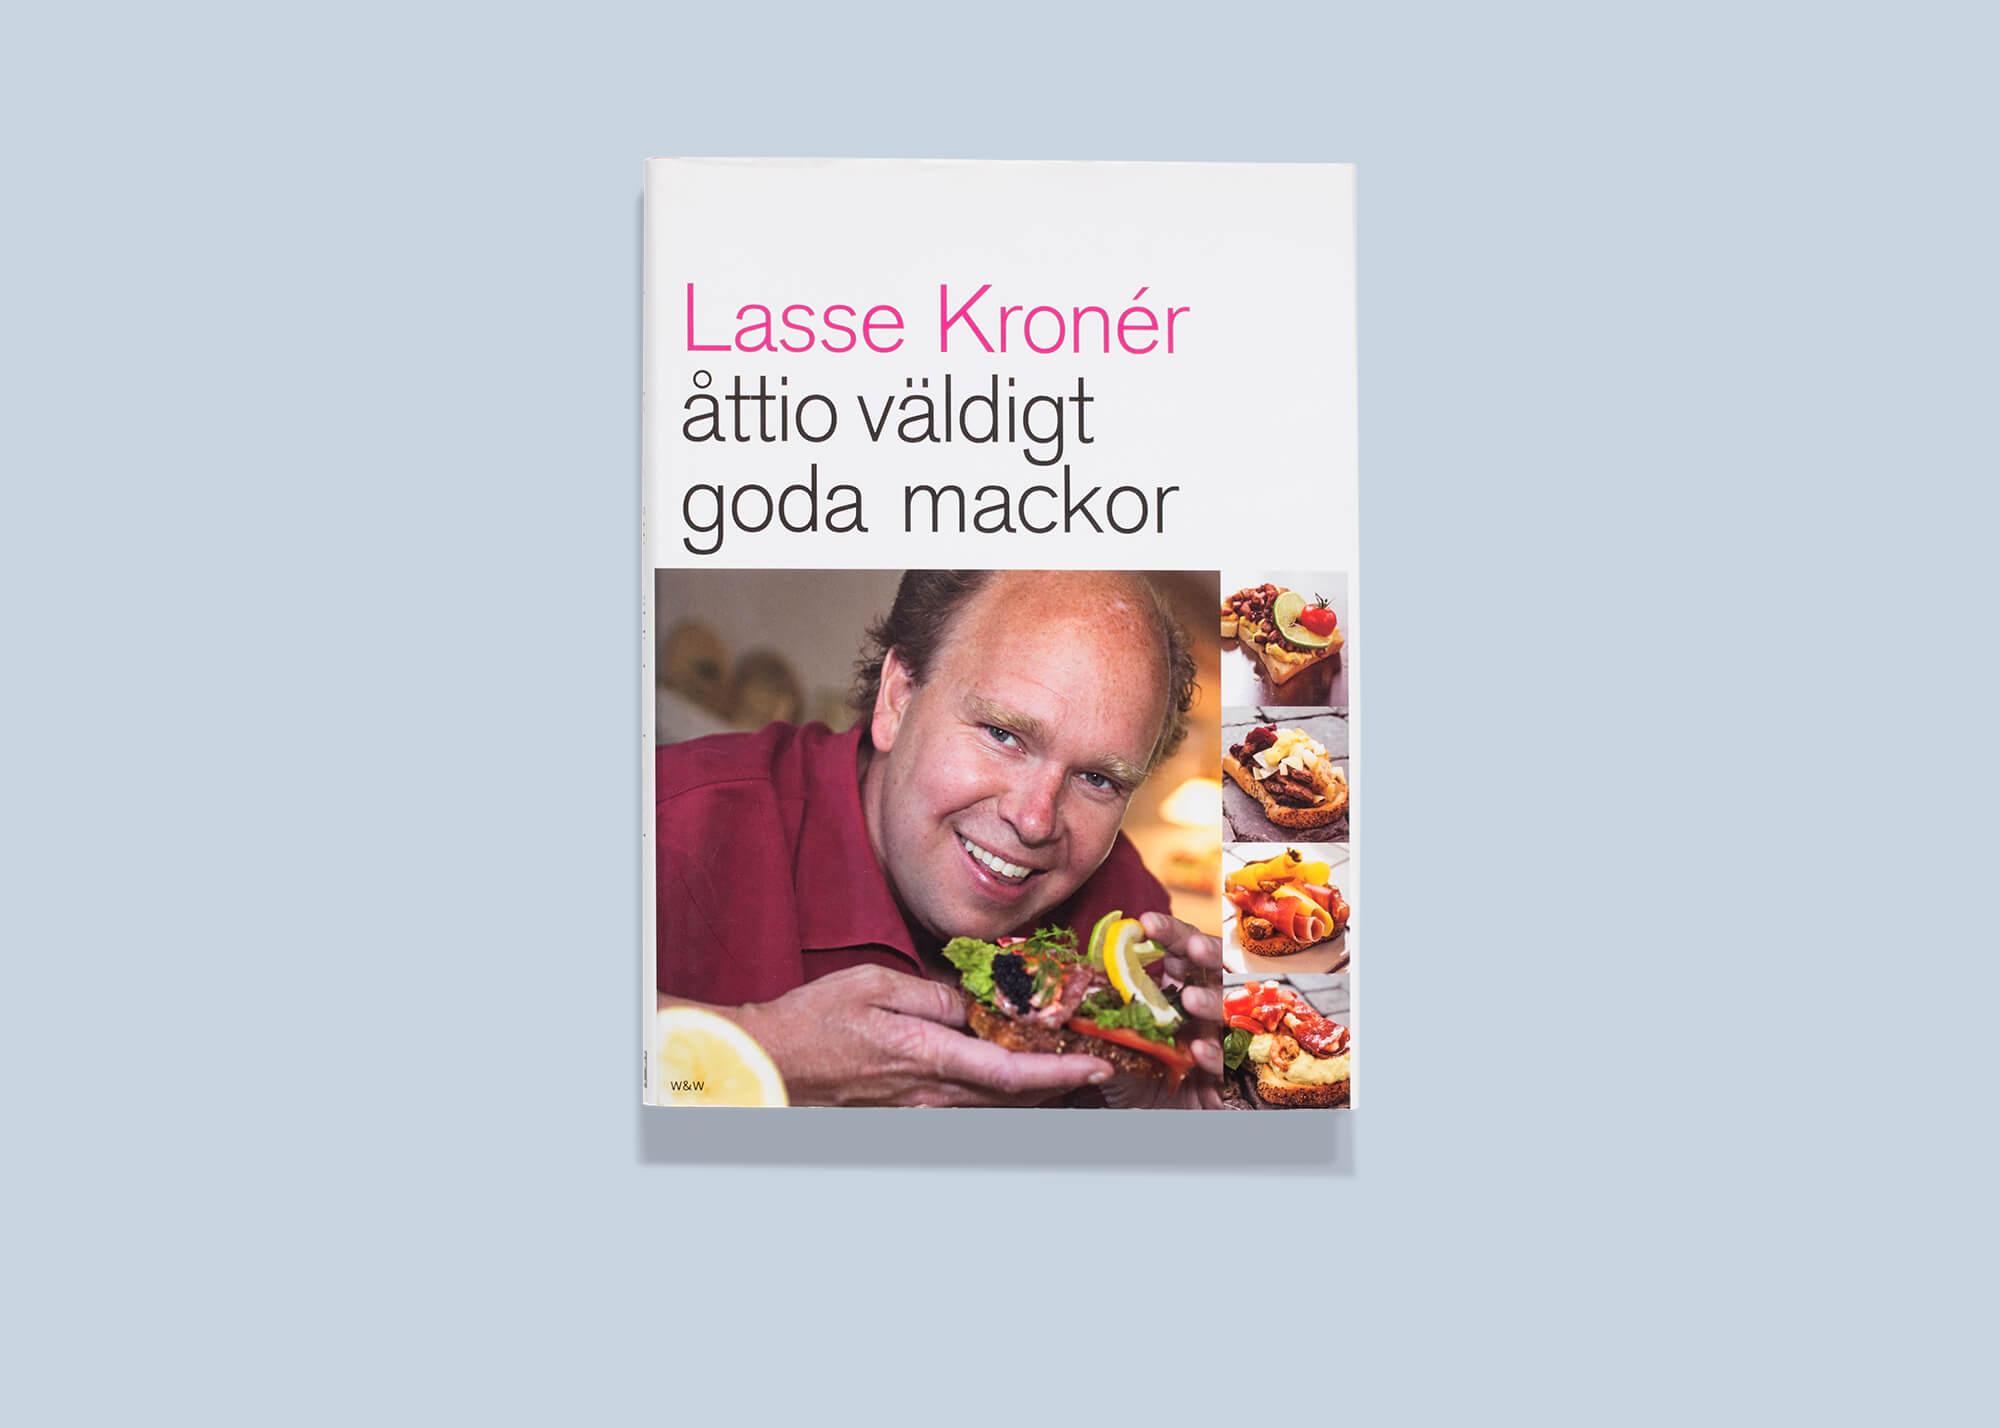 lasse-kroner_cover.jpg